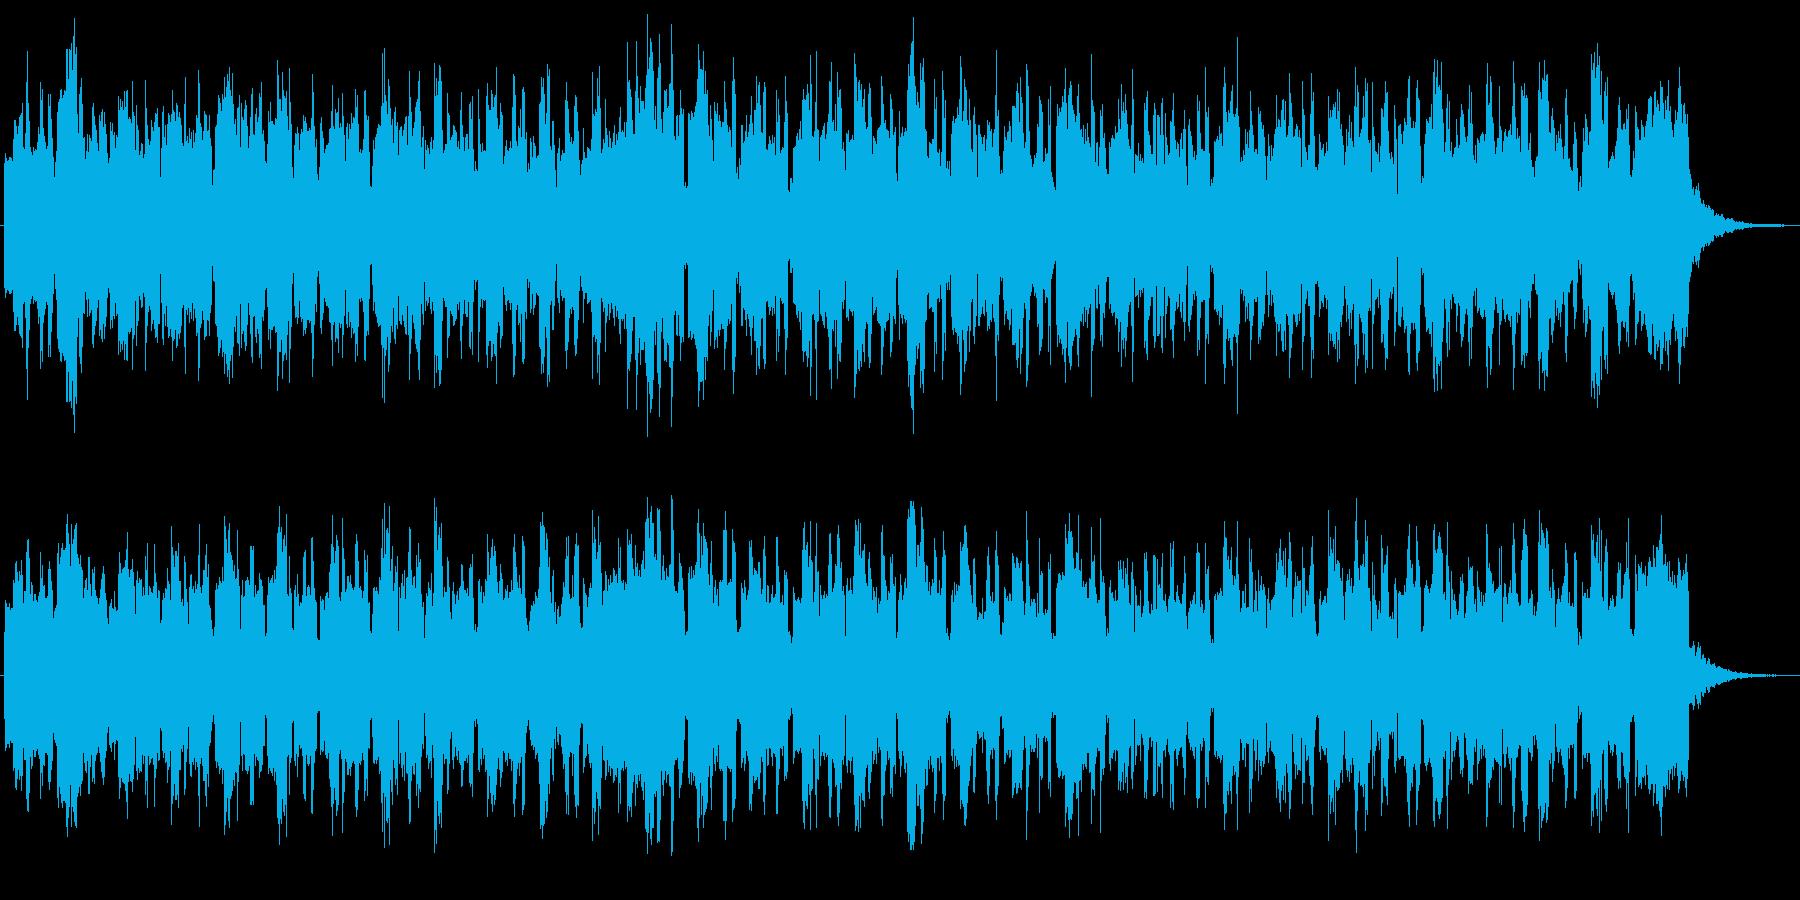 レトロなオルガンの可愛い感じのジングルの再生済みの波形